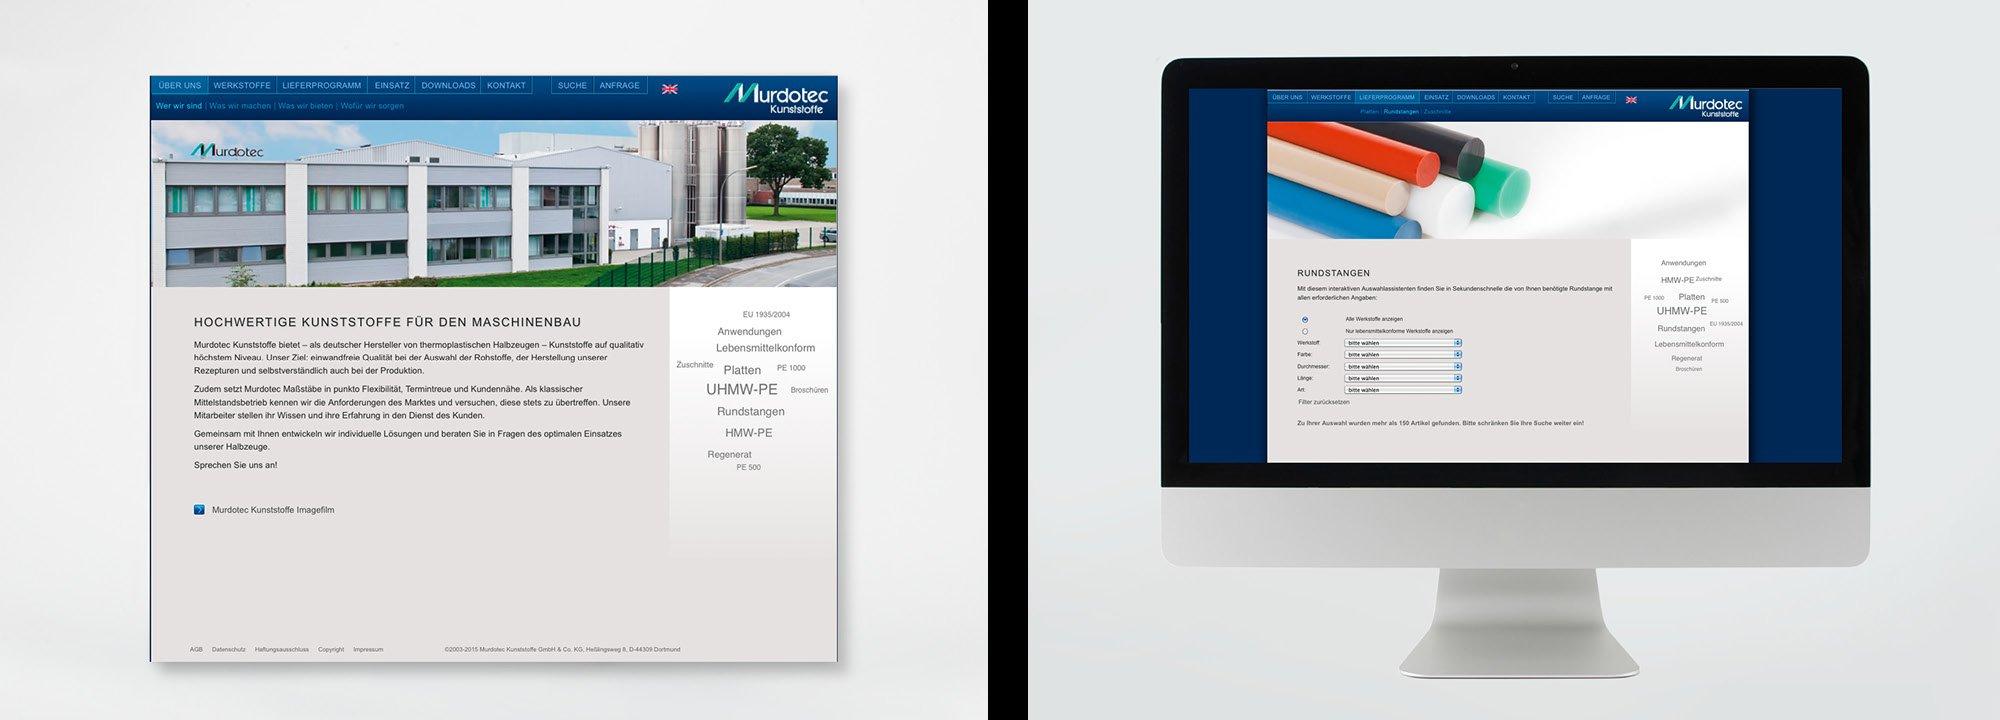 Relaunch Website Murdotec